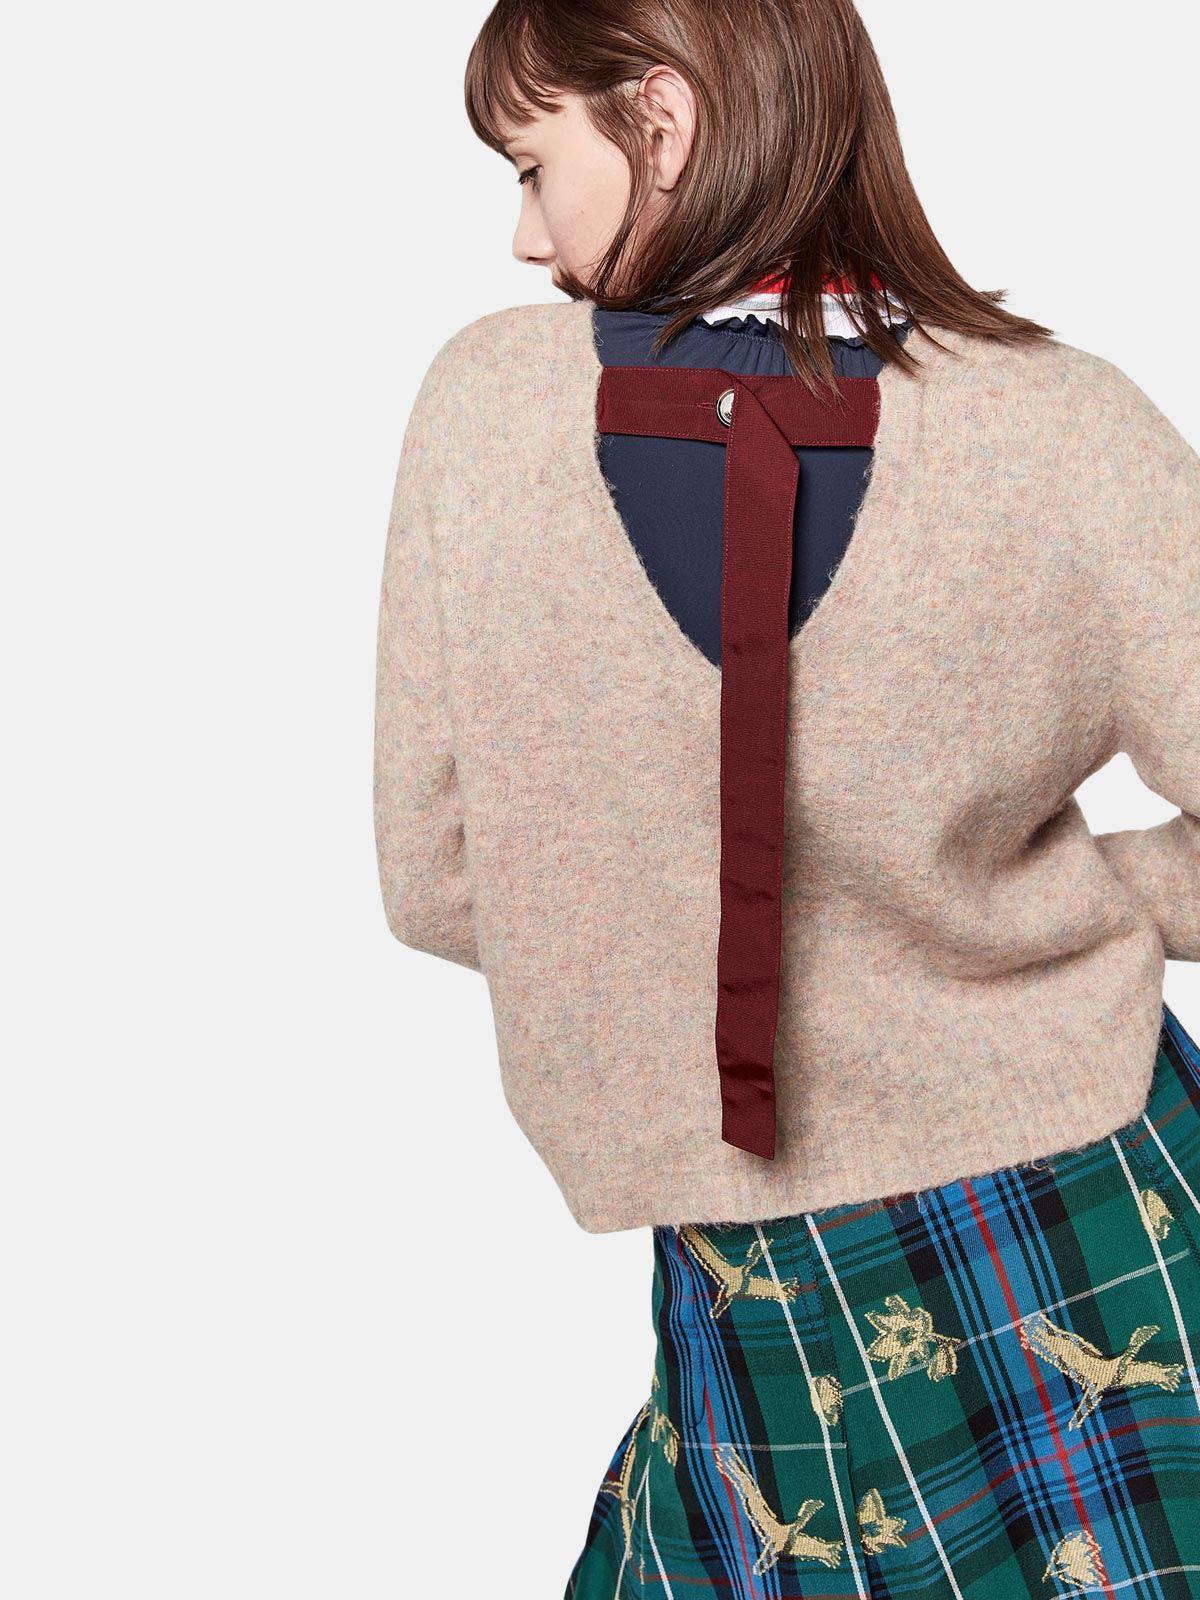 Golden Goose - Yumi crew neck sweatshirt with crane print in